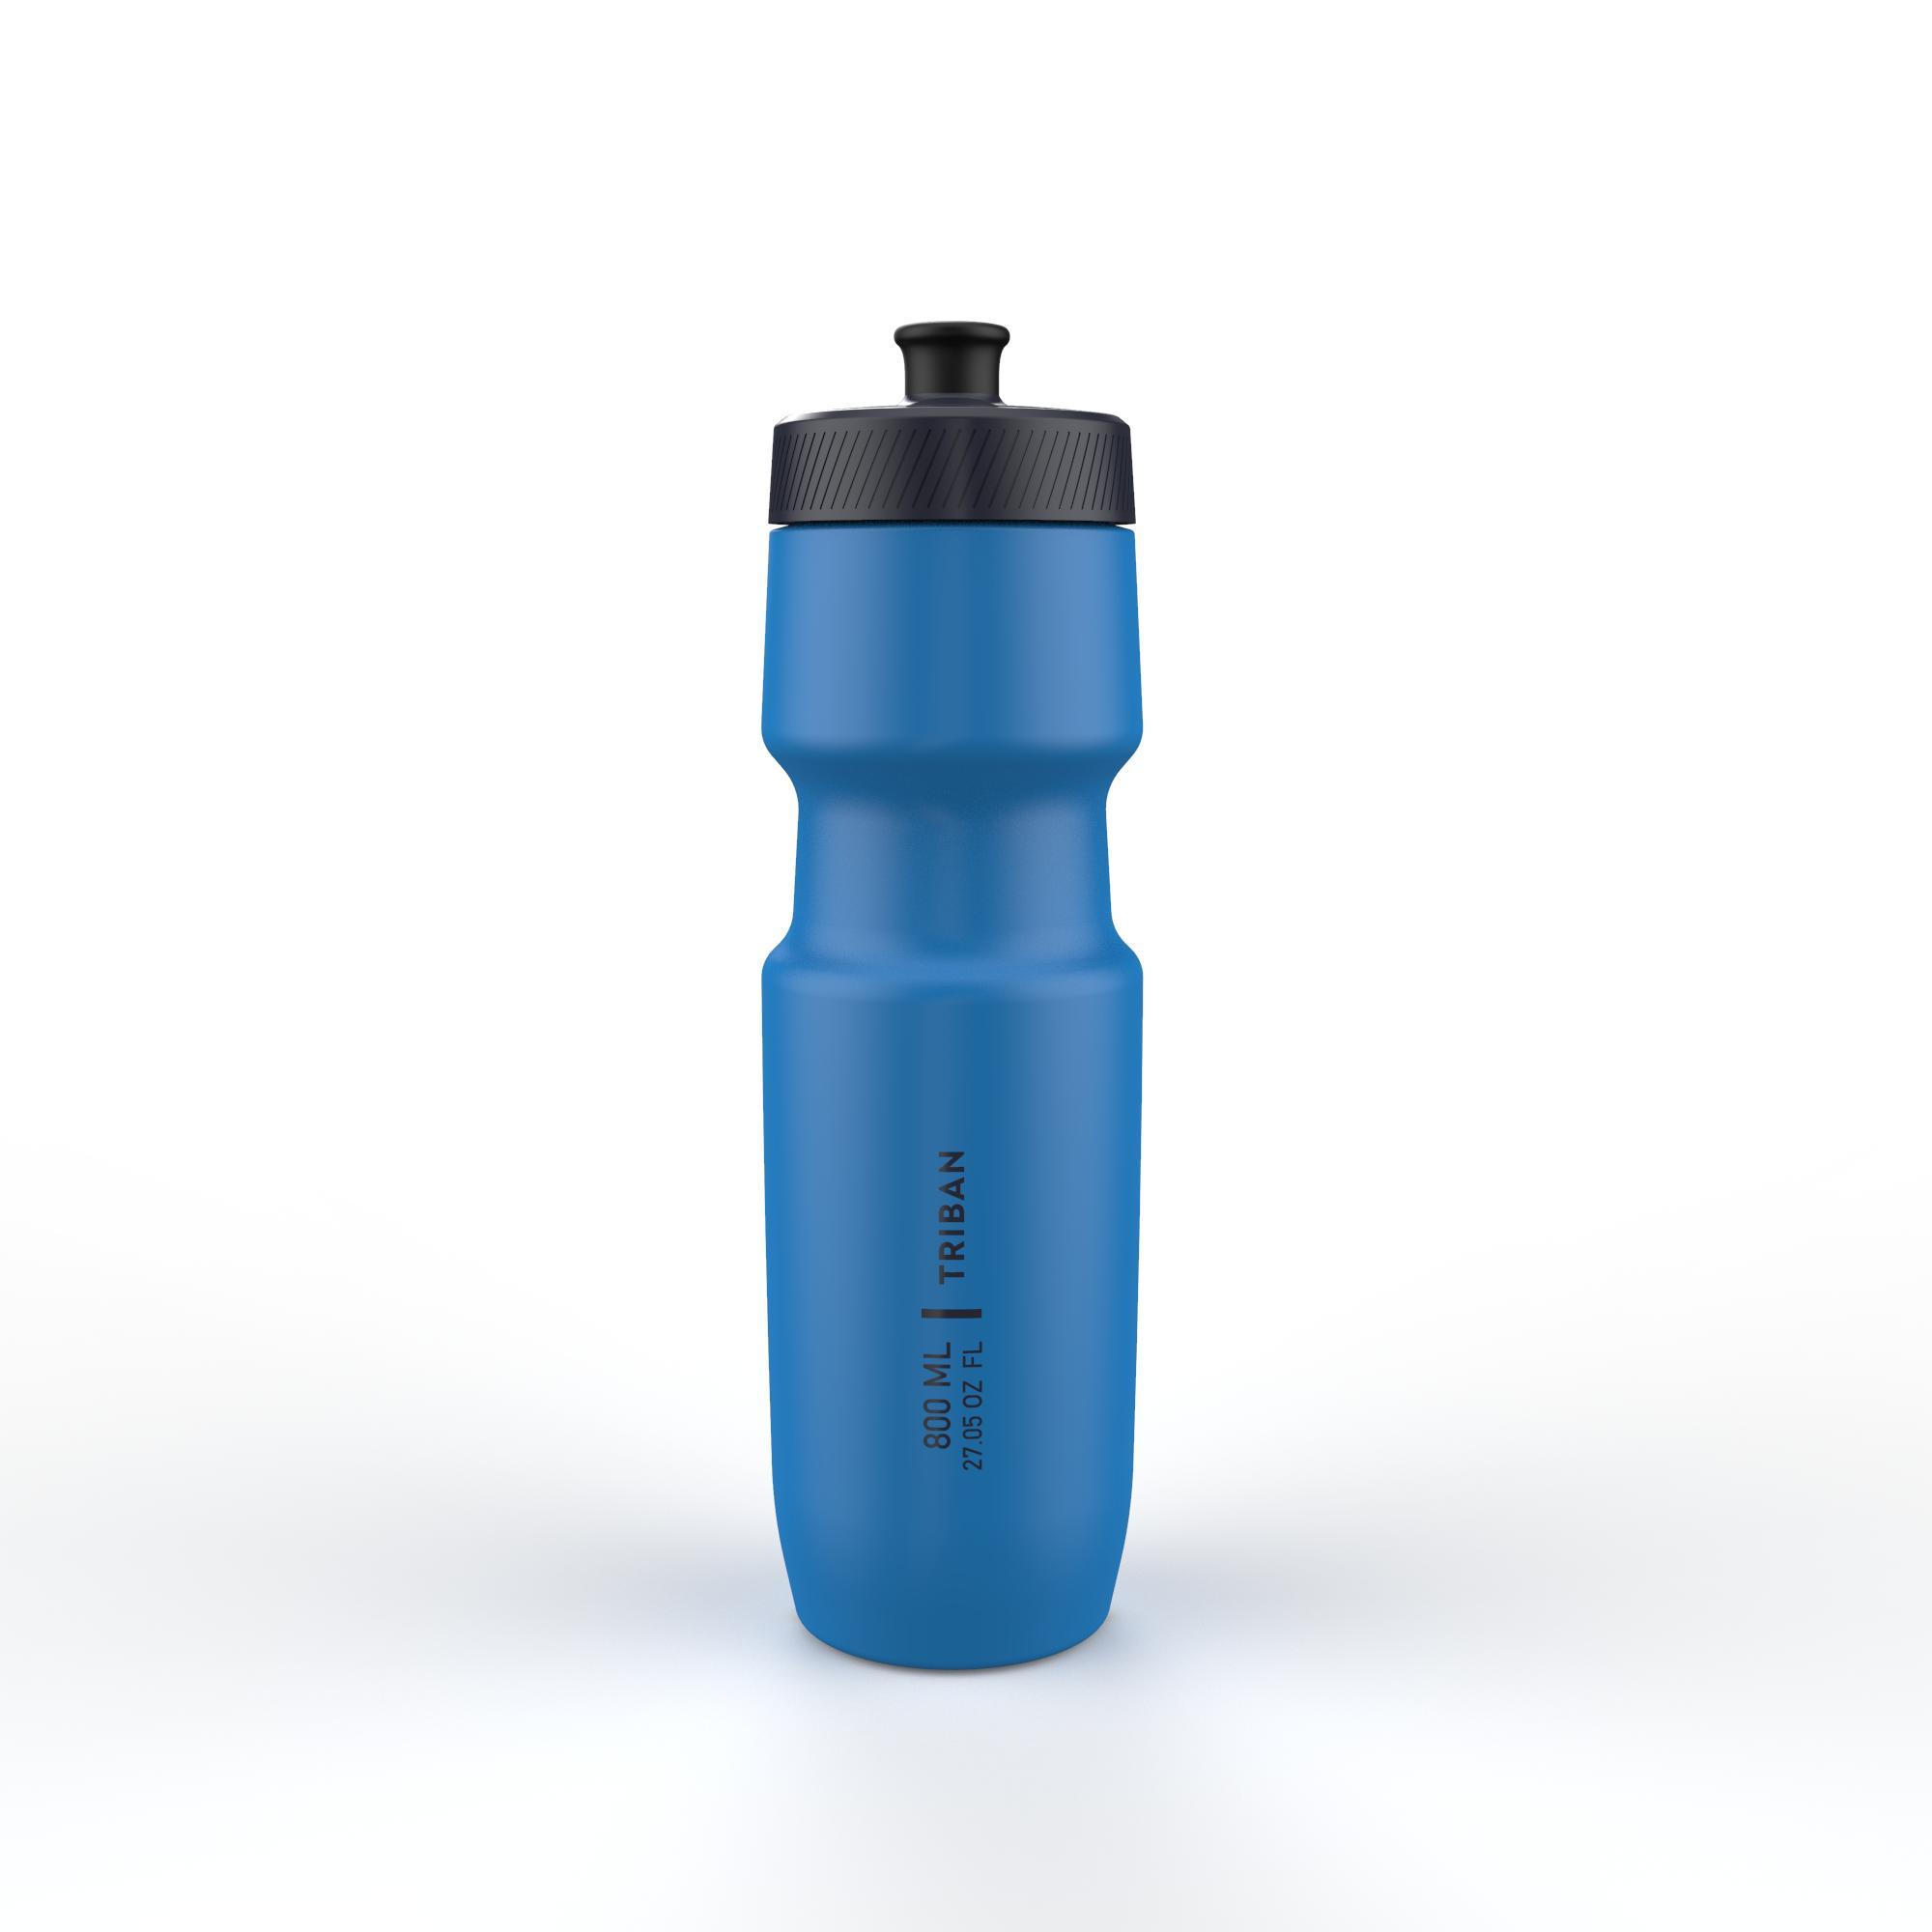 800 ml L Cycling Water Bottle SoftFlow - Blue